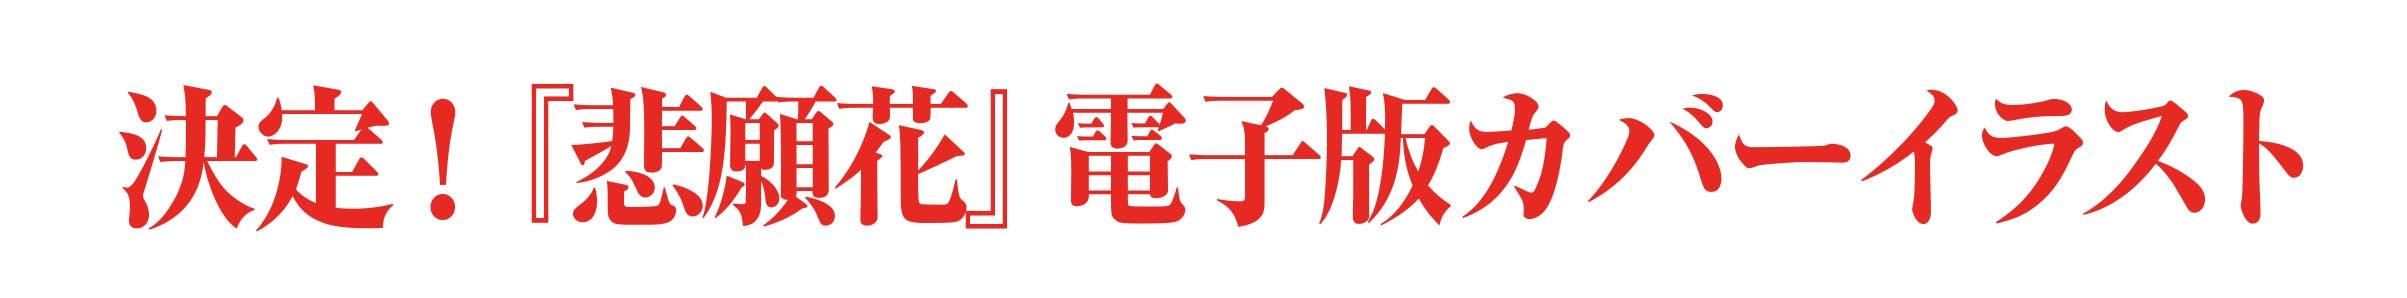 決定_『悲願花』電子版カバーイラスト